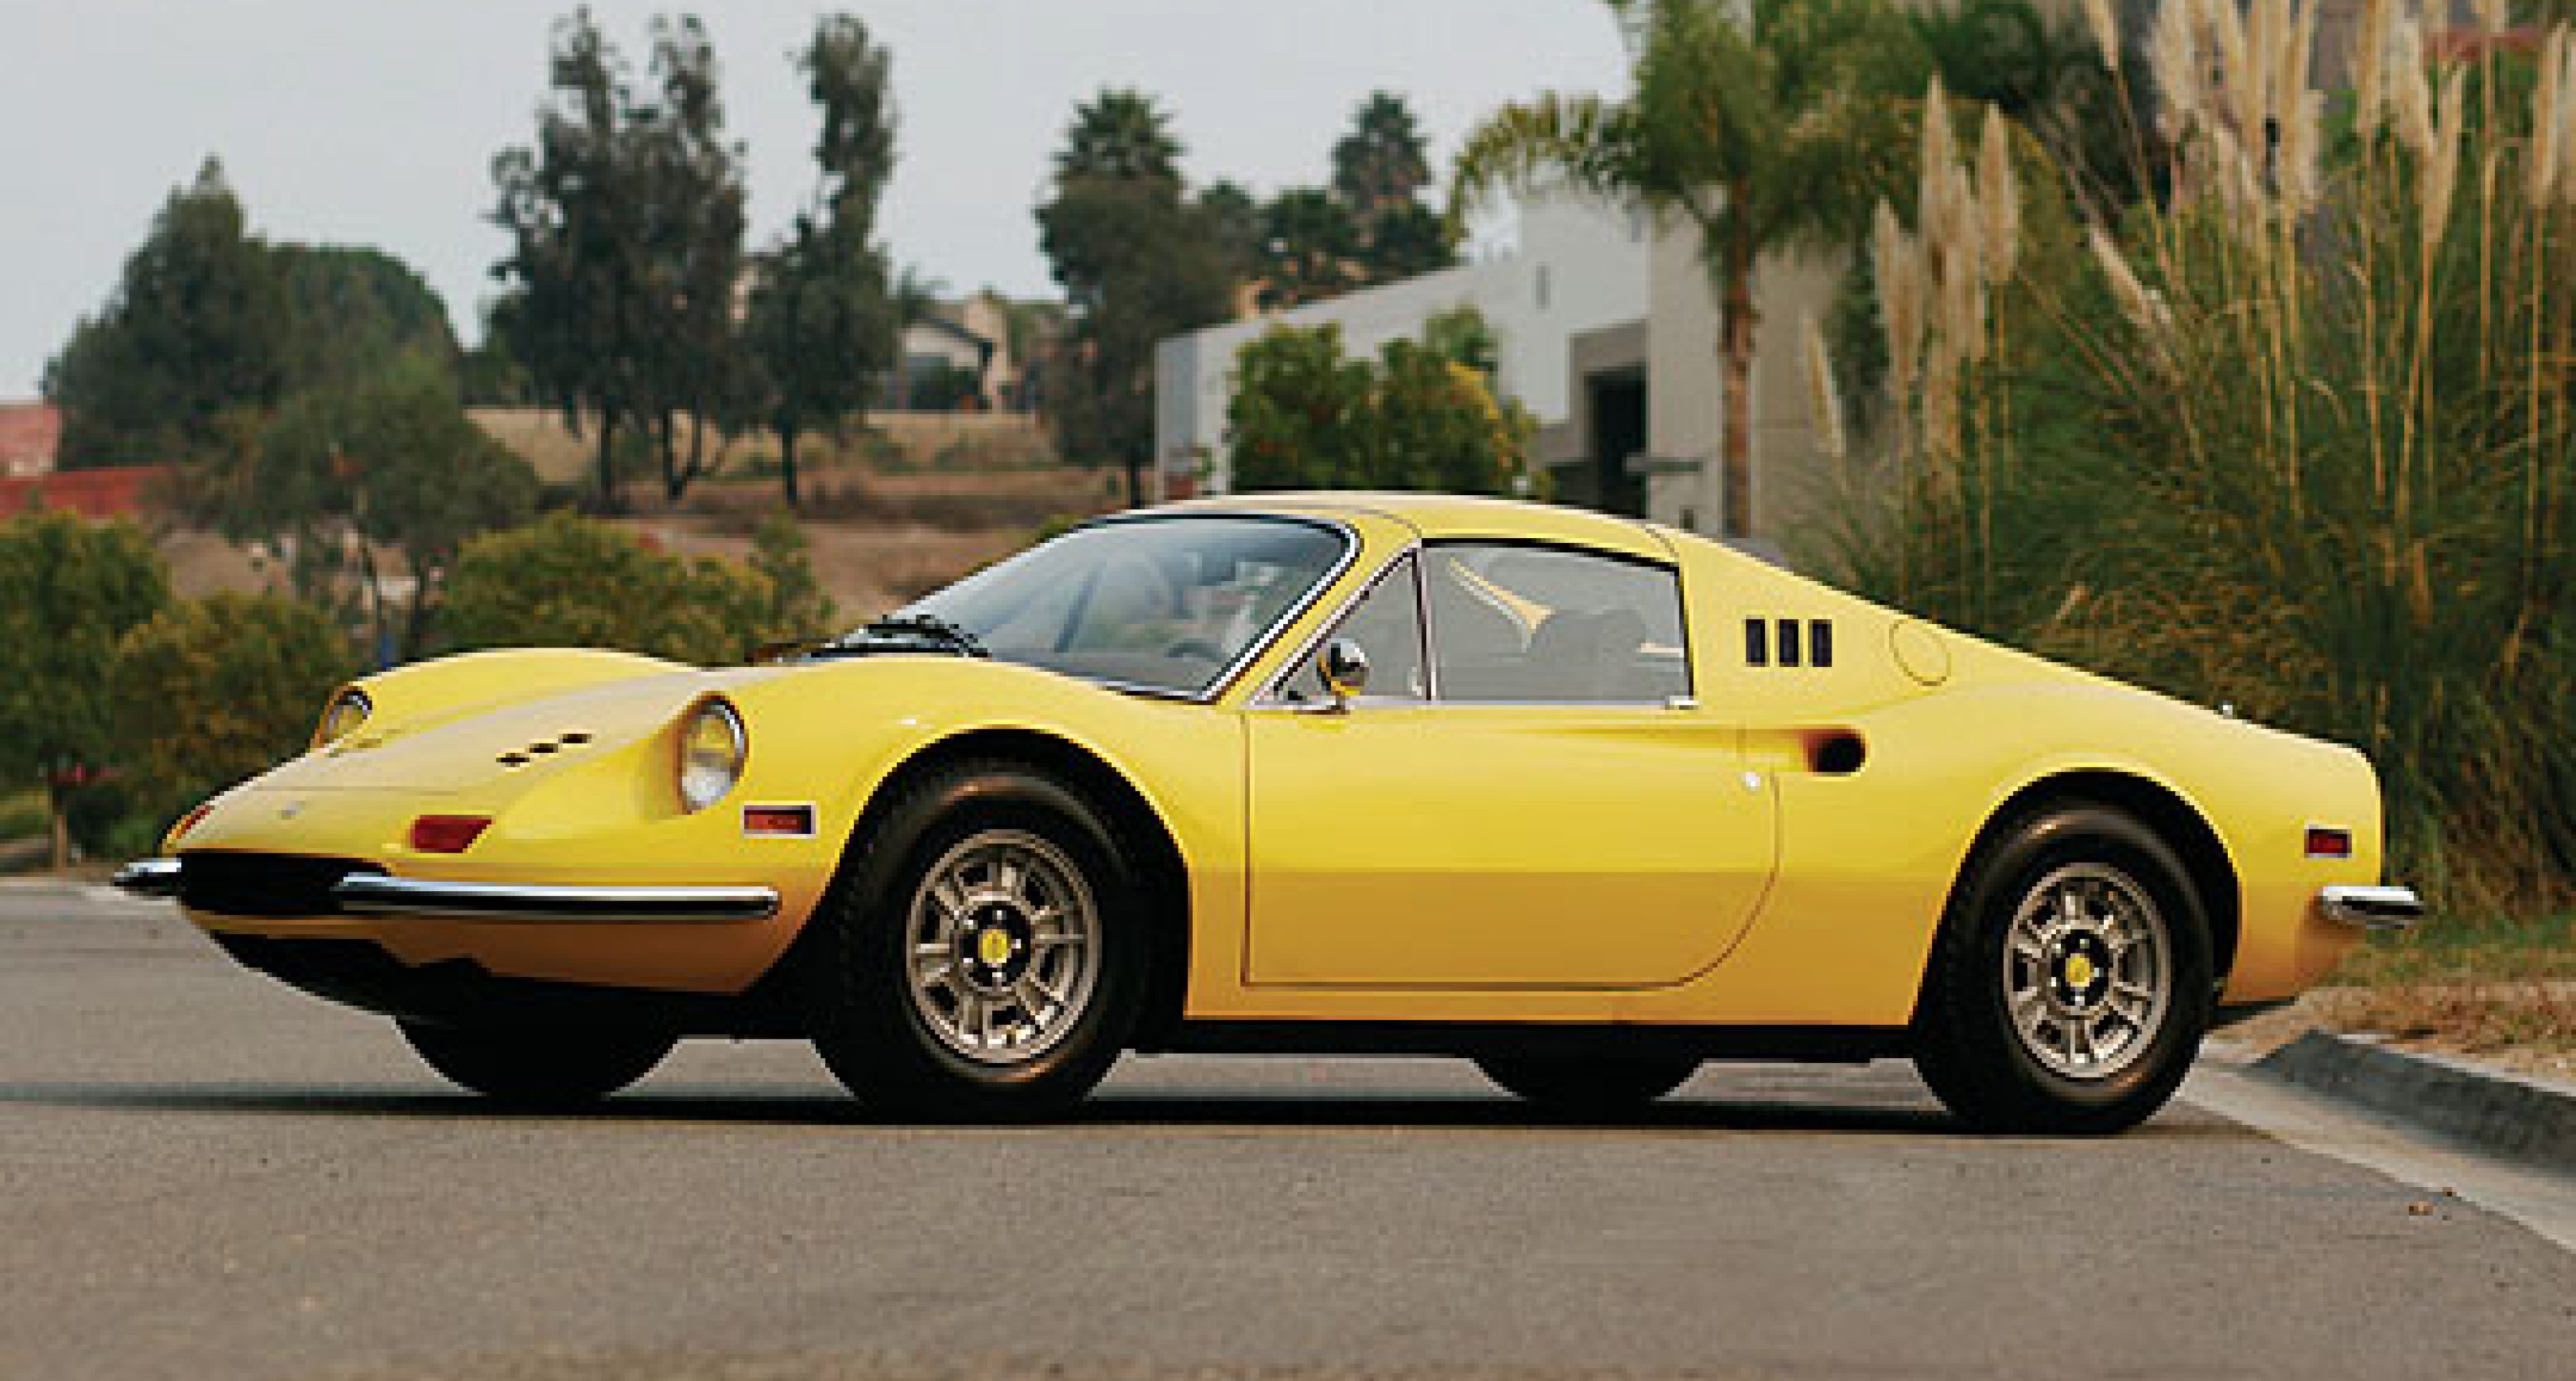 RM Auctions - Ferrari Leggenda e Passione 20th May 2007 - Preview